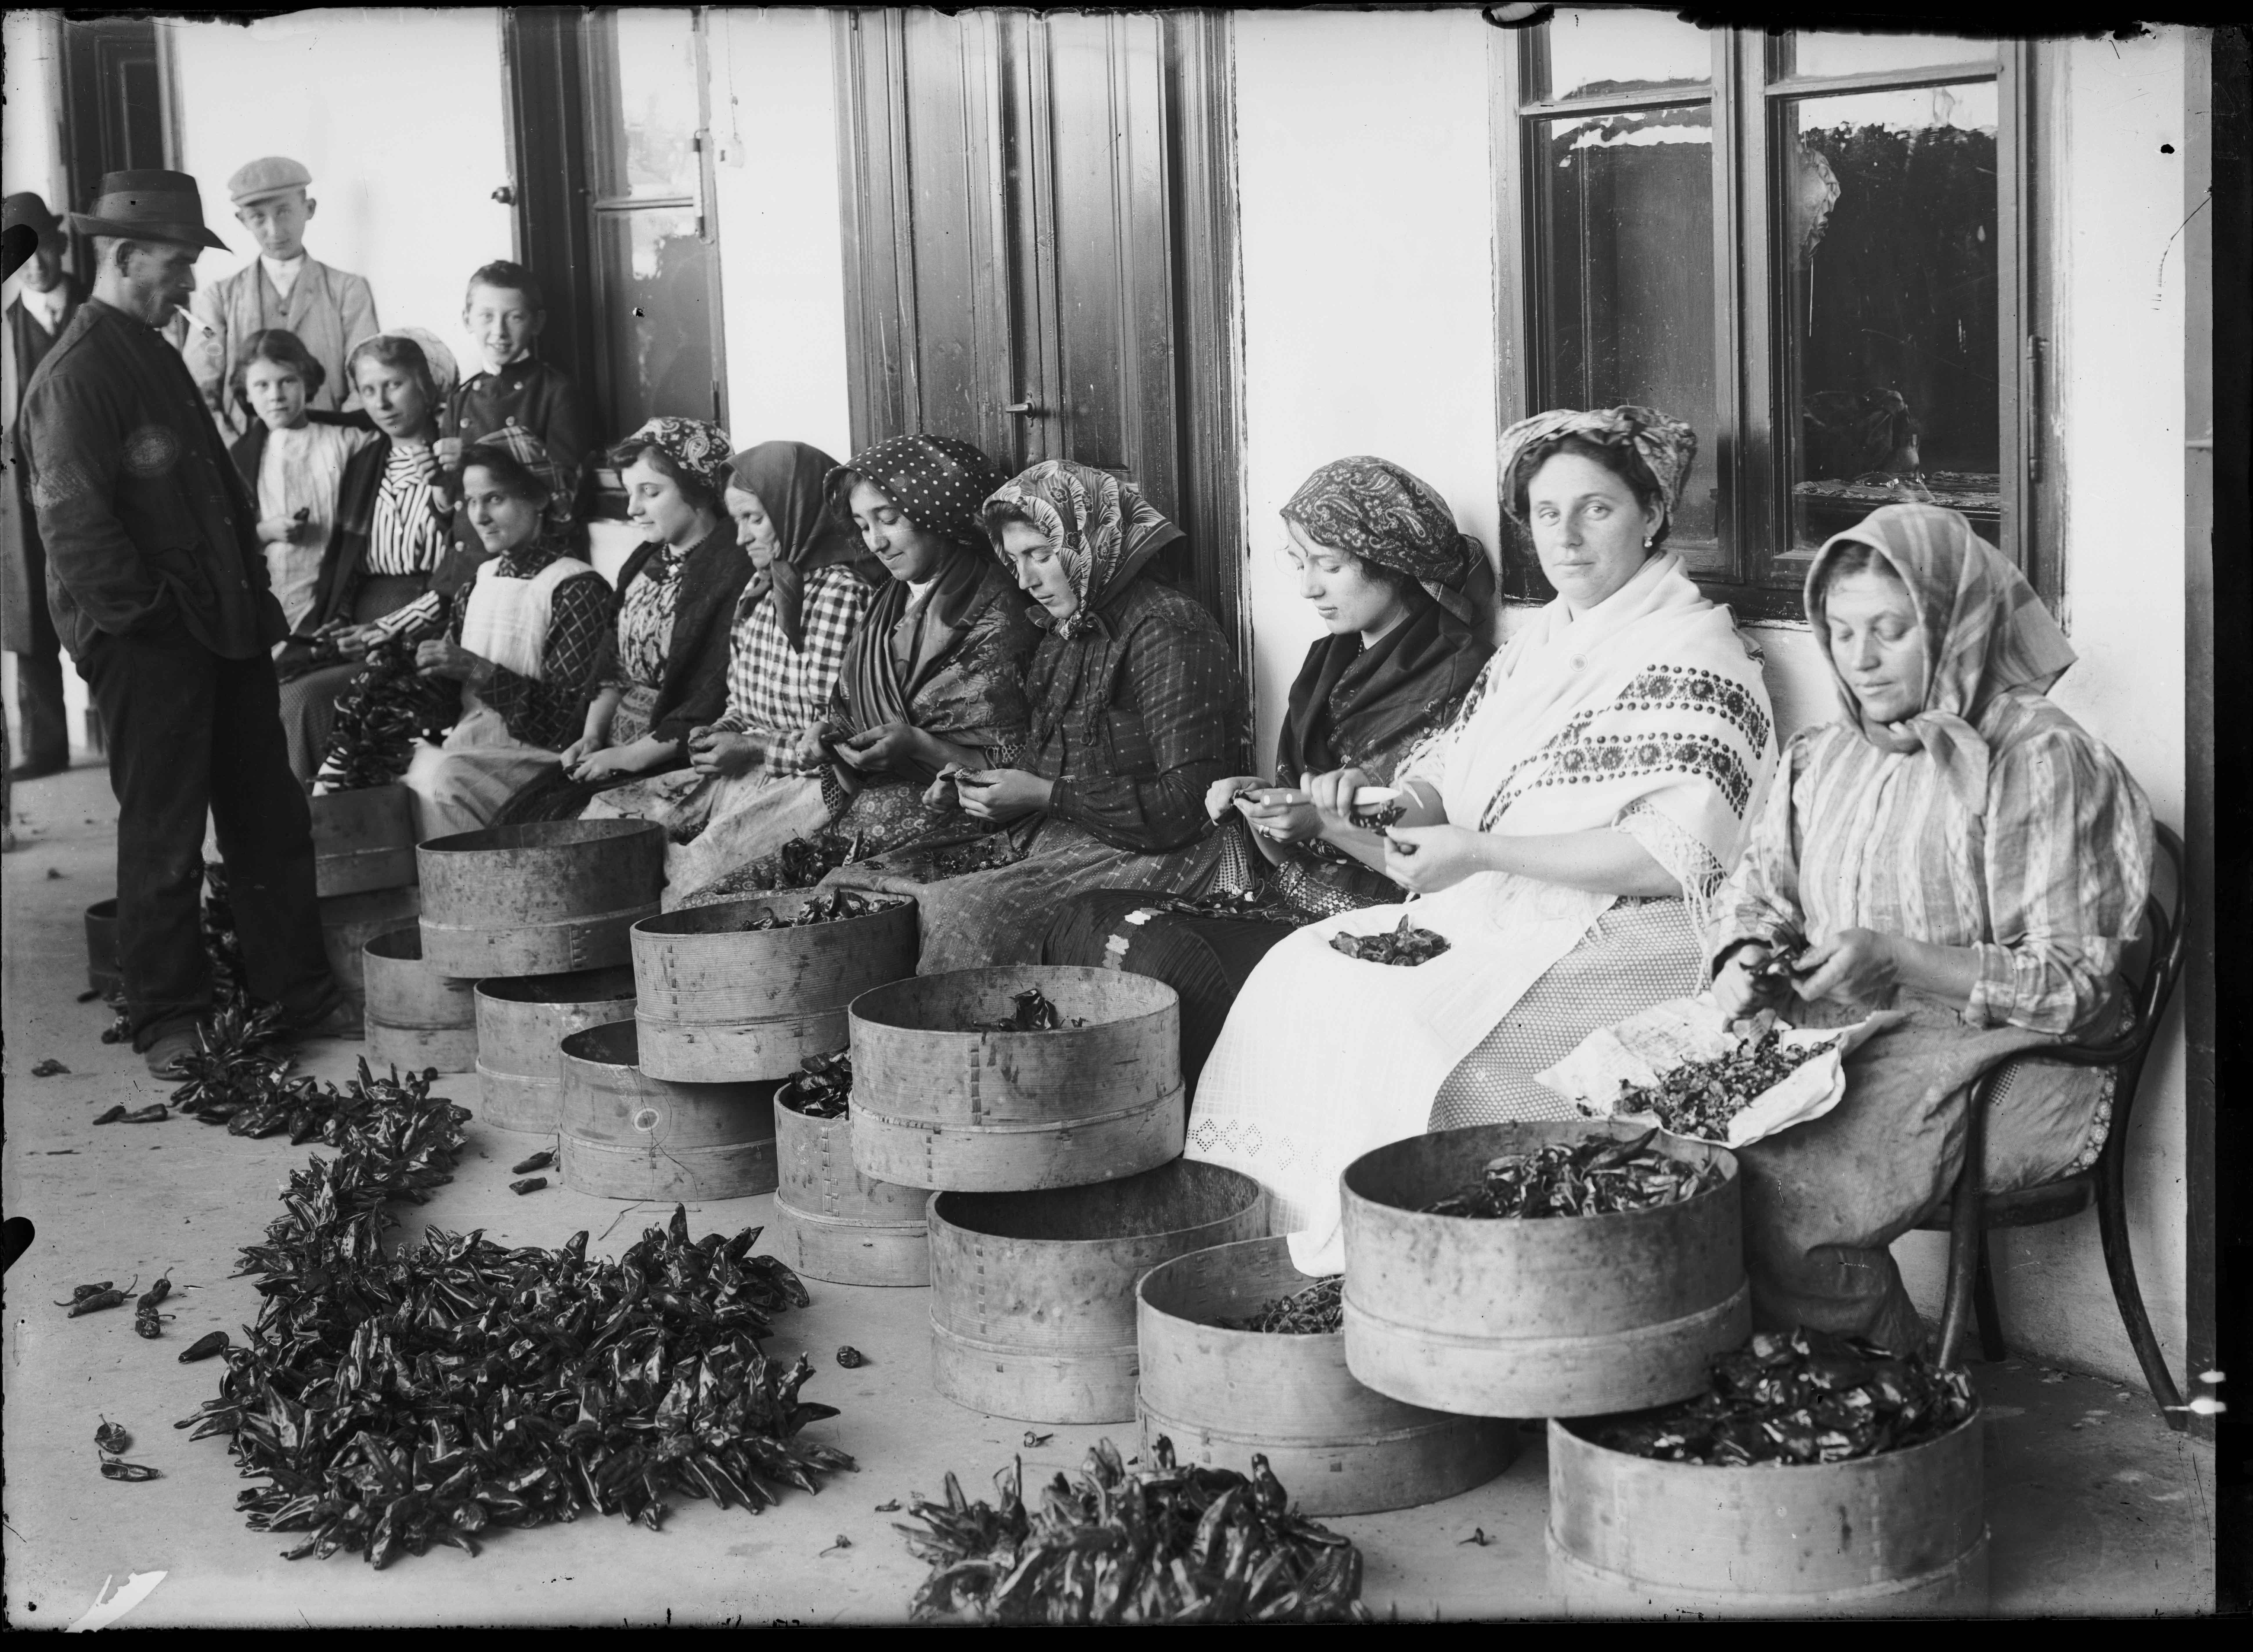 Fotó: Plohn József: Fűszerpaprikát fűző asszonyok. © Tornyai János Múzeum gyűjteménye, Hódmezővásárhely